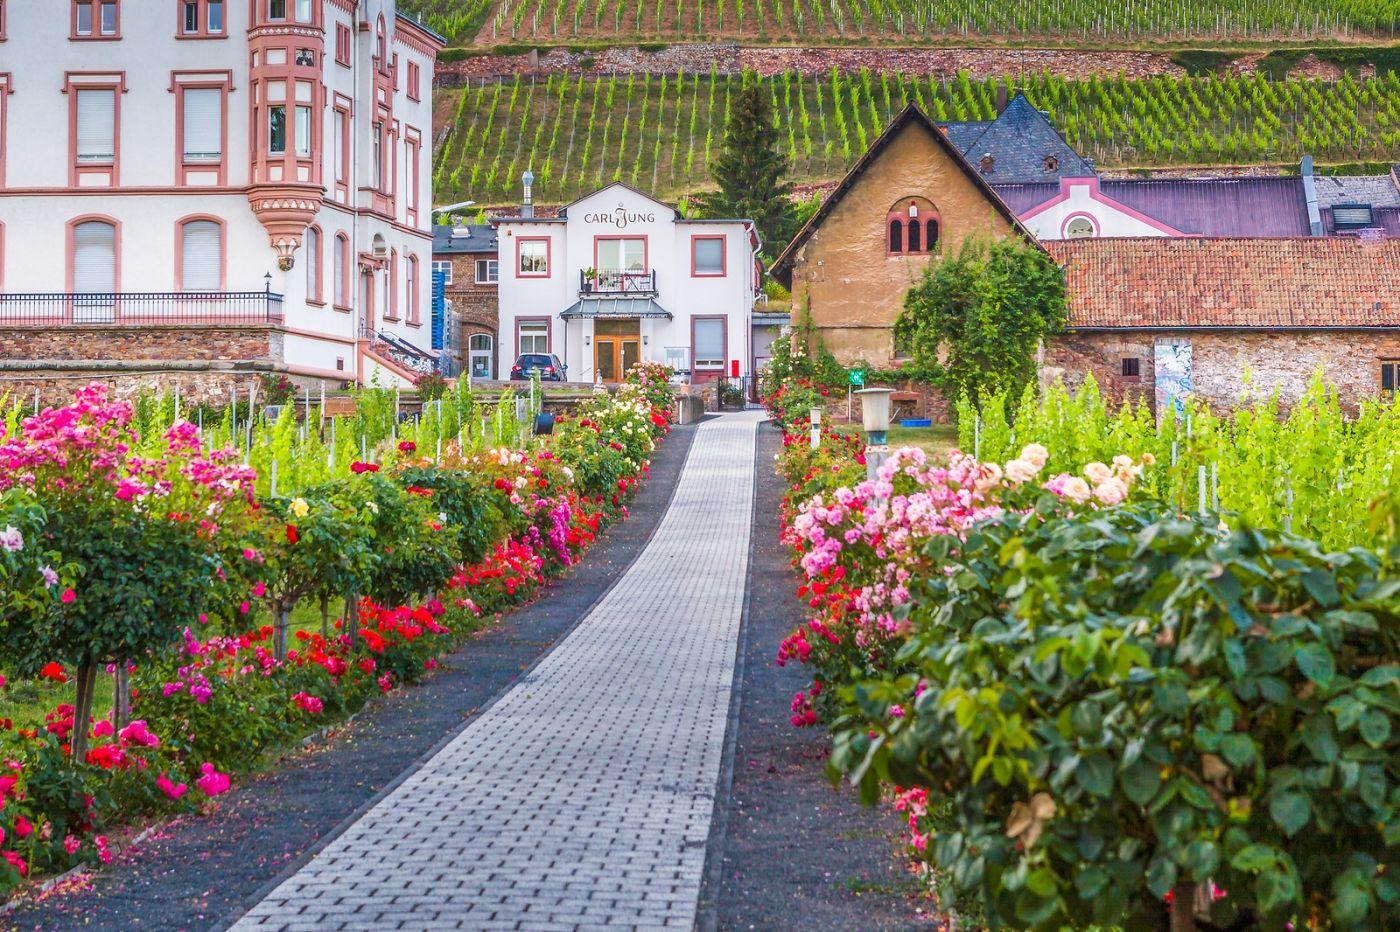 德国吕德斯海姆(Rudesheim),莱茵河畔的小镇_图1-11